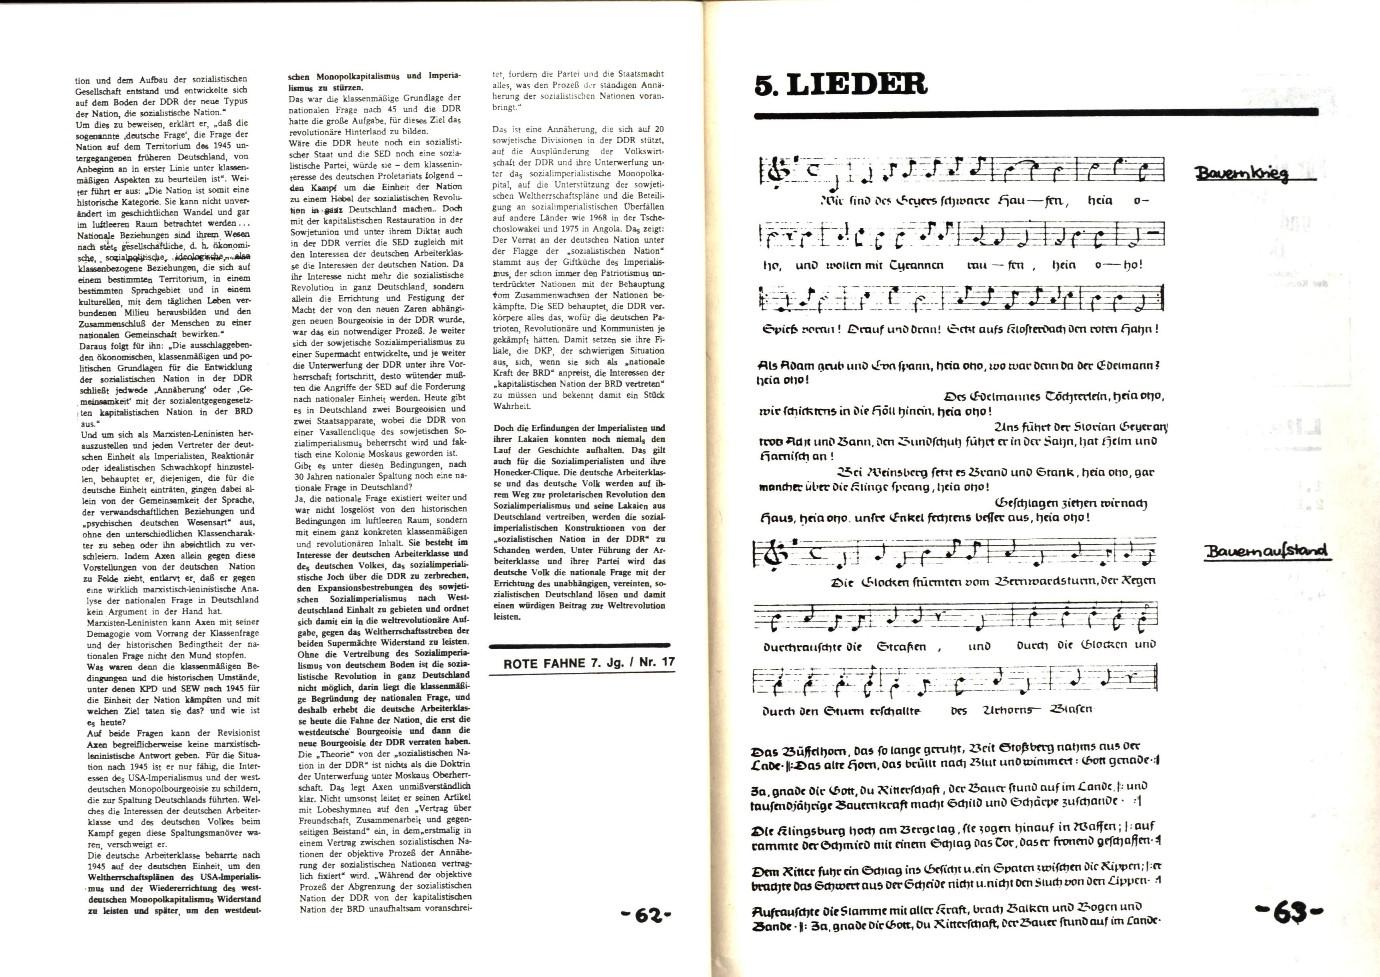 Berlin_KSV_1976_Wochenendseminare_Geschichte_01_33